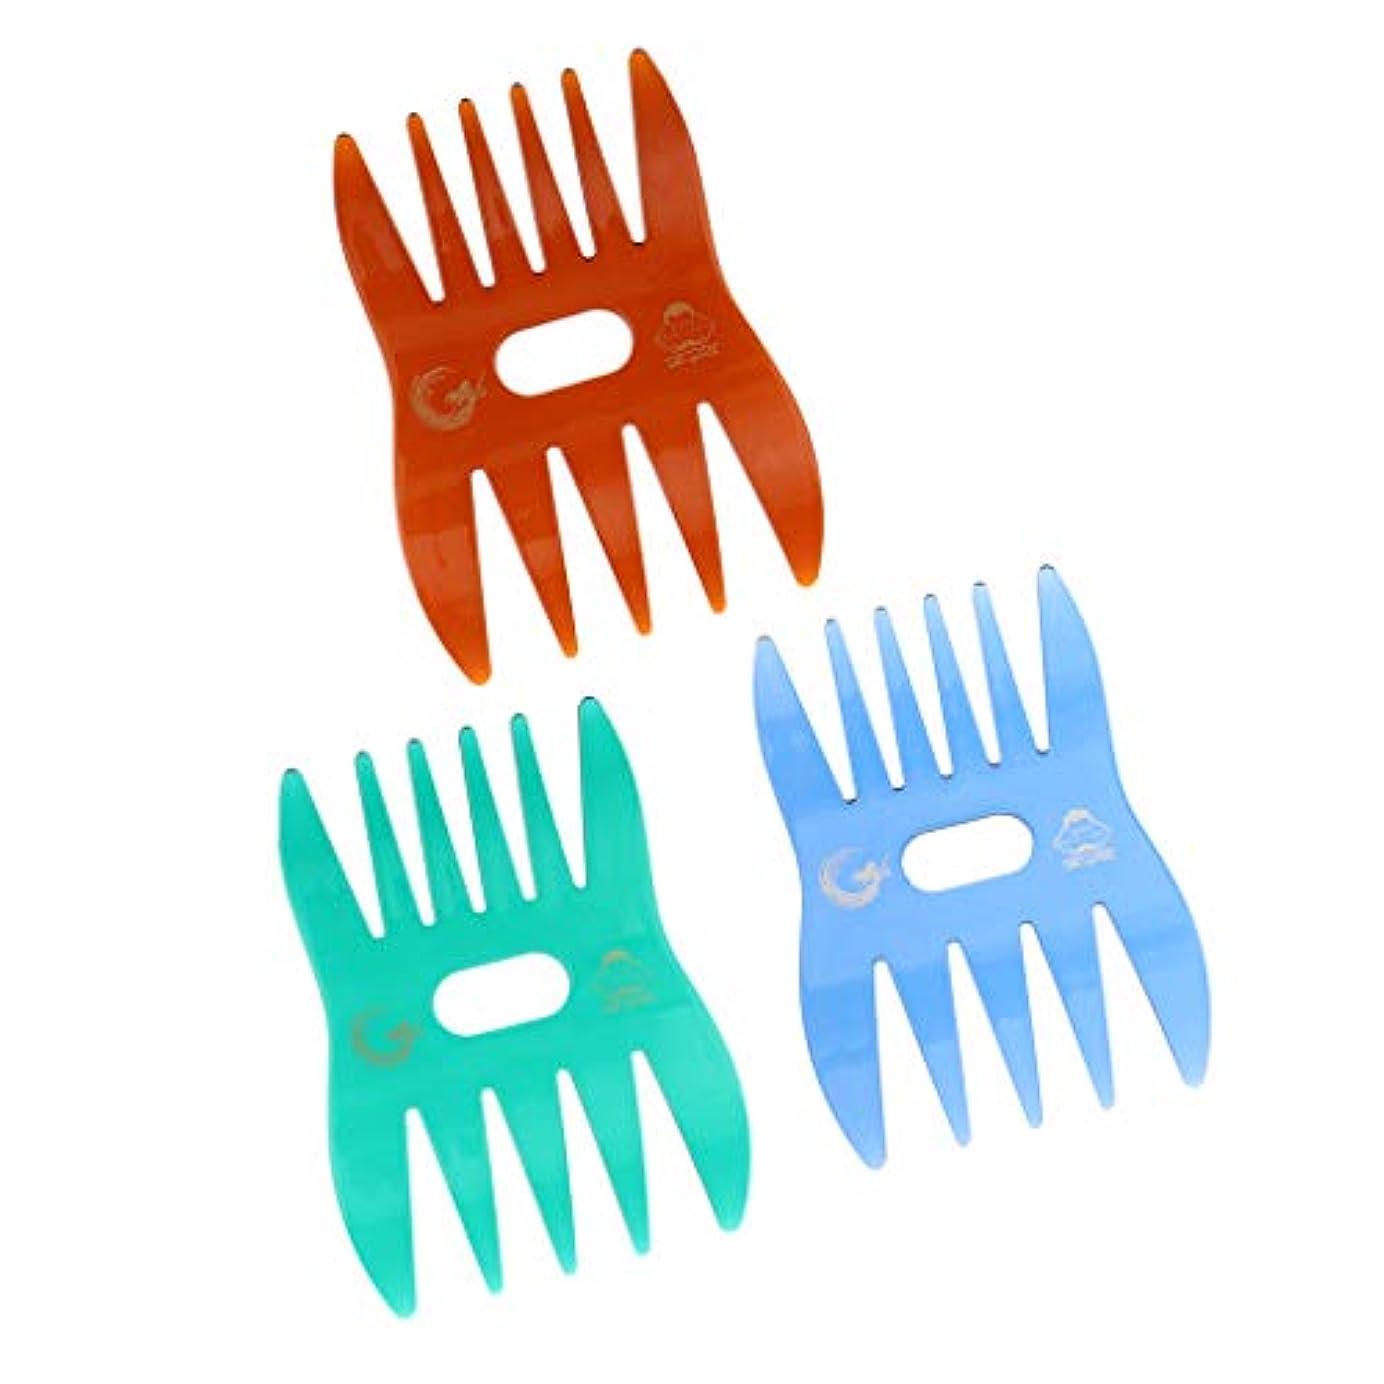 関数ボイドダッシュヘアコーム メンズ ヘアコーム 荒歯 ヘアケア 頭皮マッサージ 静電気防止 耐熱 美容院 家庭